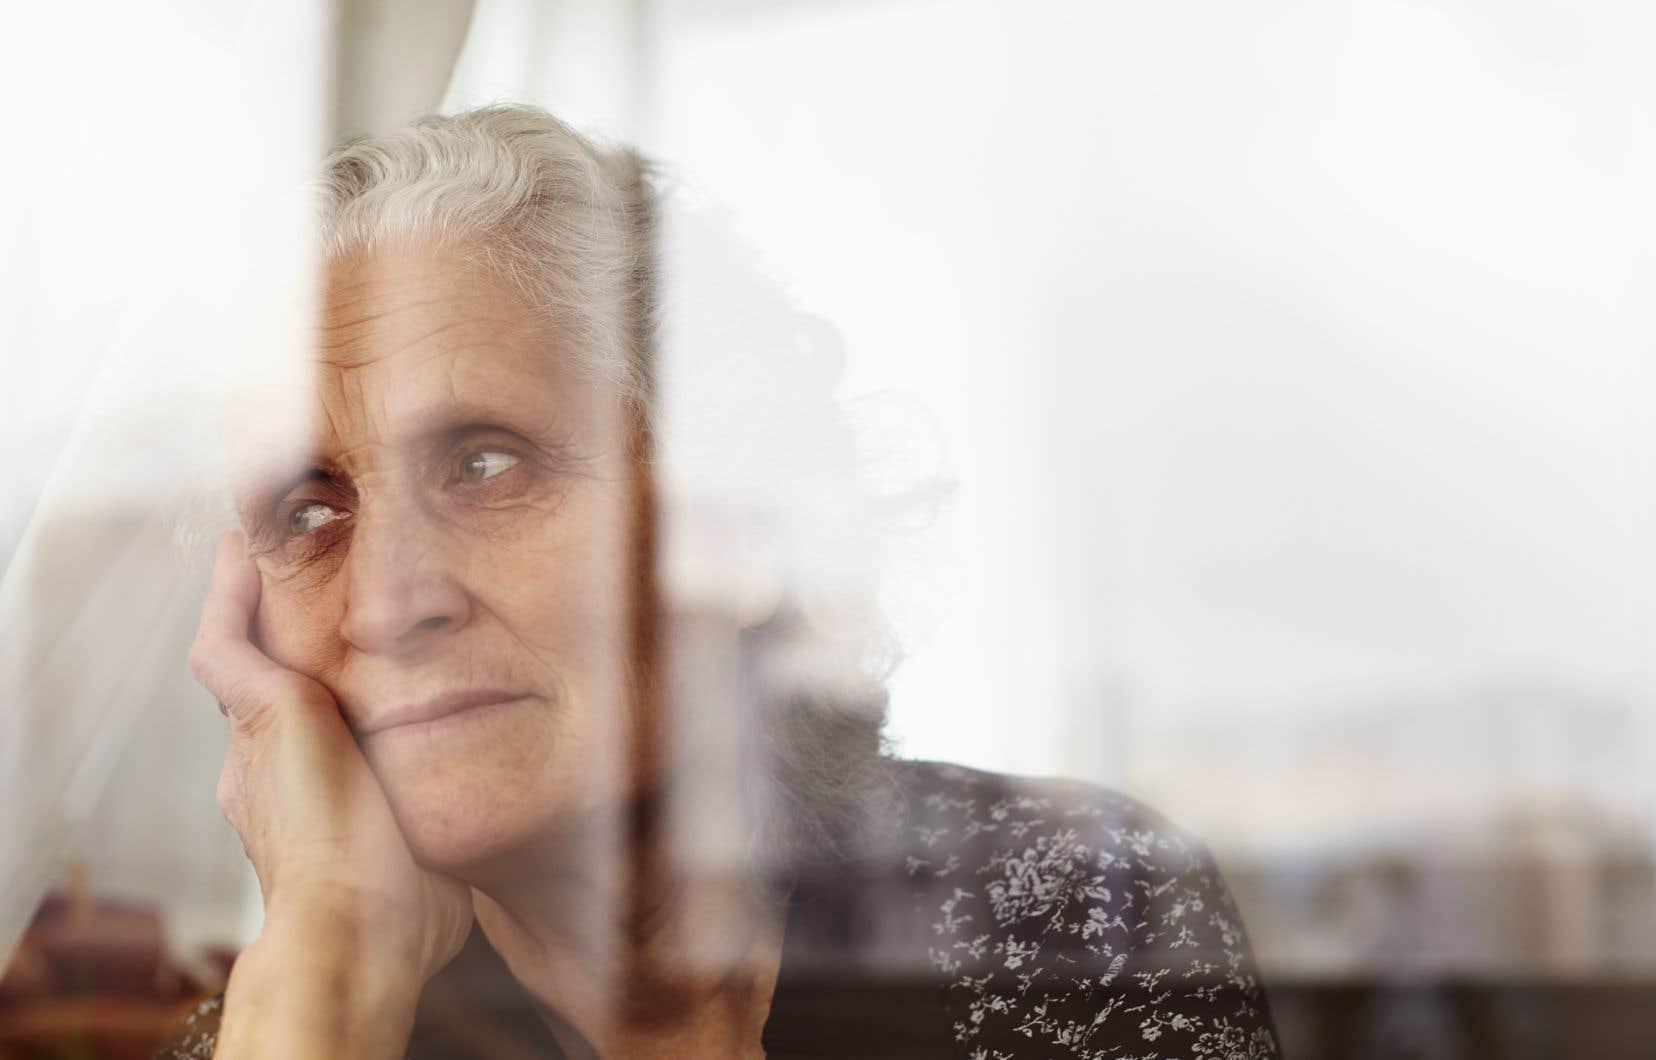 «L'abandon des vieux à leur sort a suivi le sort qu'on a fait subir à la culture, et nous sommes entrés dans une ère d'indifférence», écrit l'auteur.